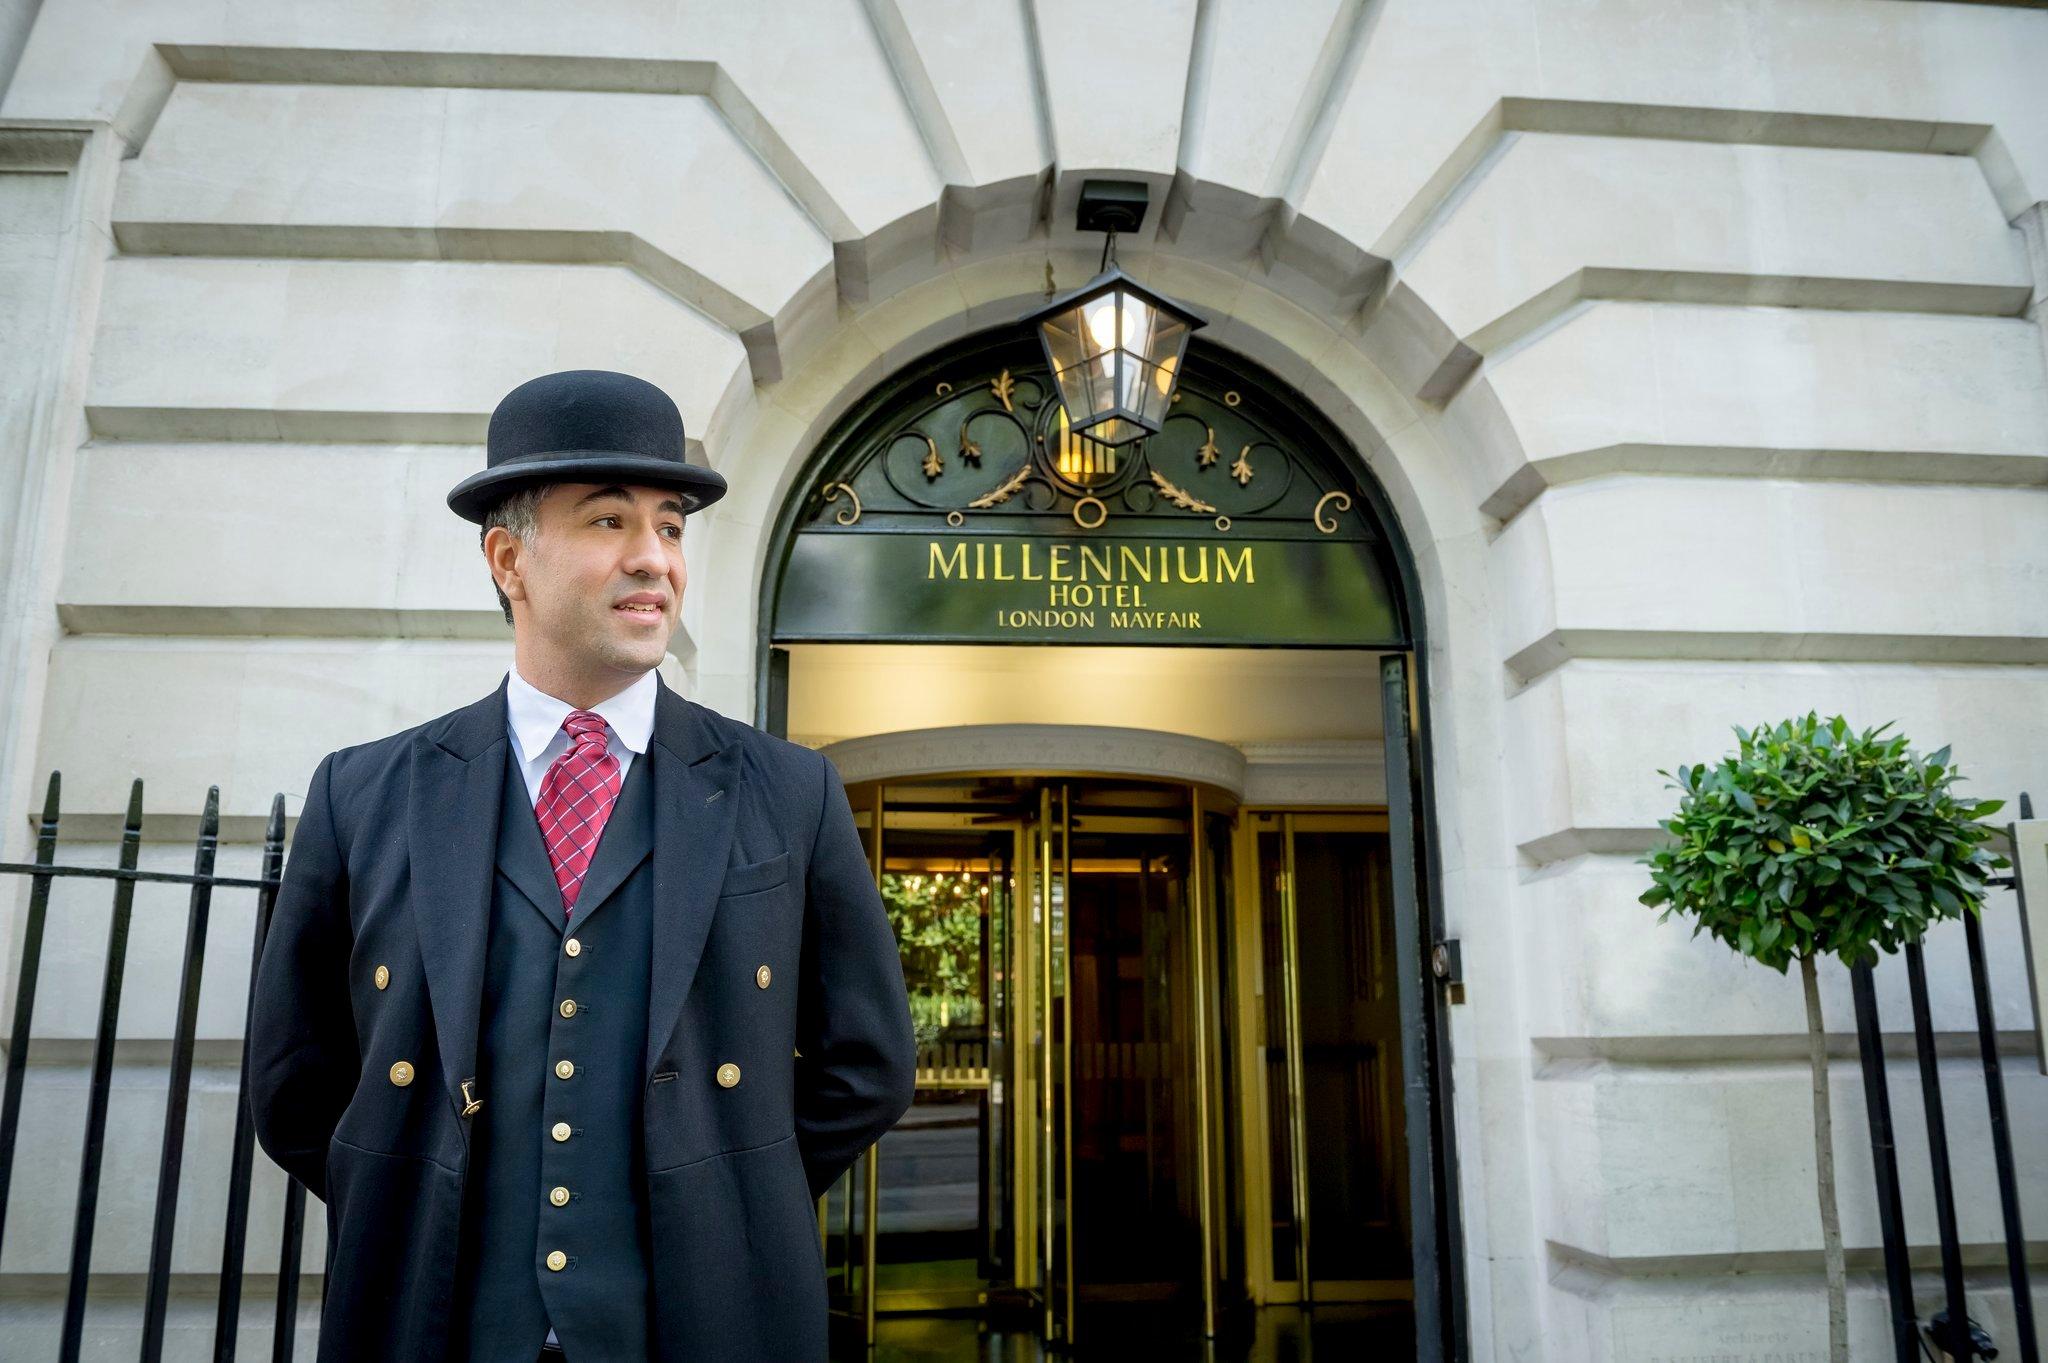 ミレニアム ホテル ロンドン メイフェア